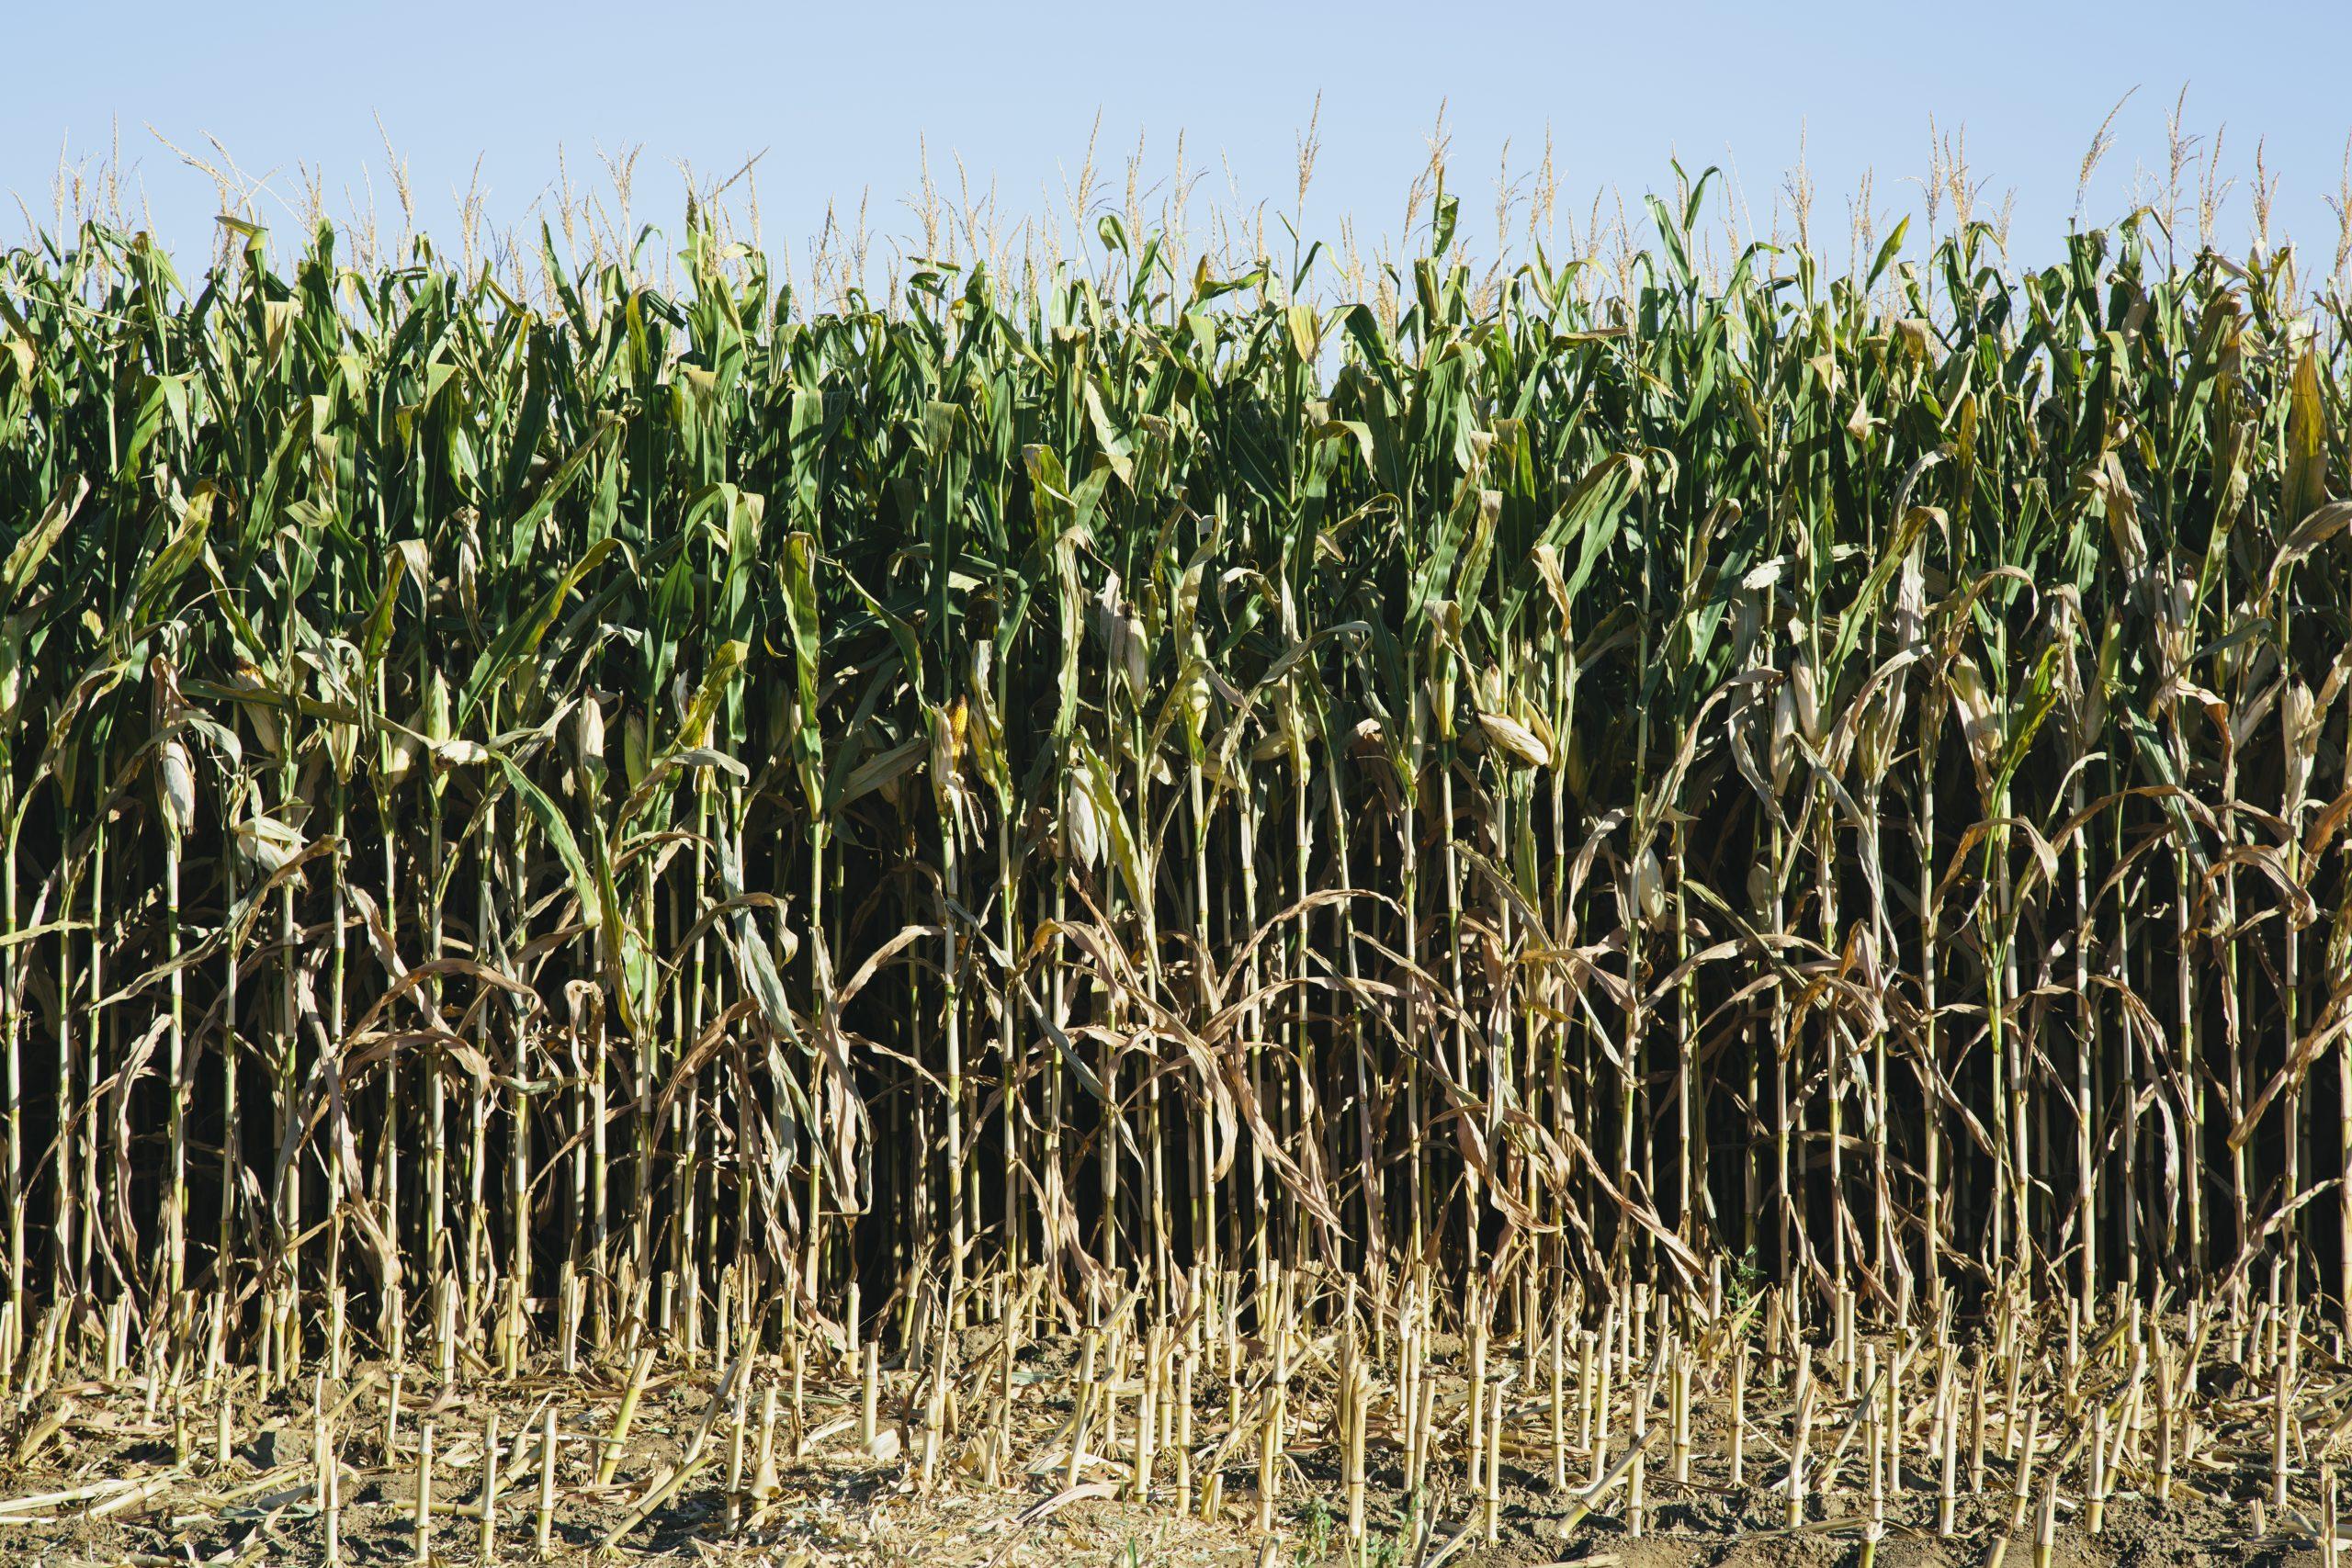 pausa no imposto de importação de milho